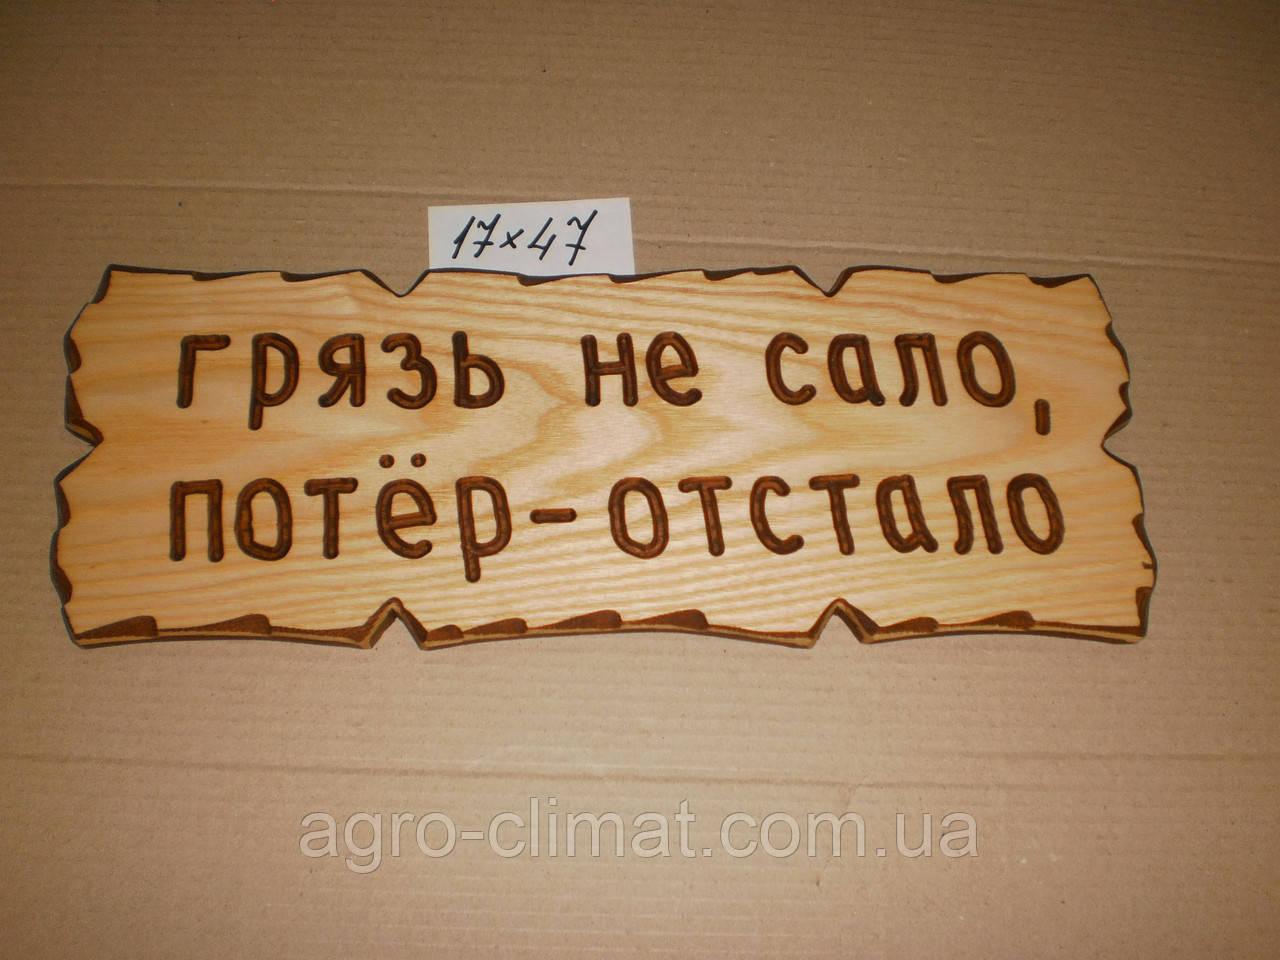 """Табличка """"Бруд не сало, потер - відстало"""" №24"""